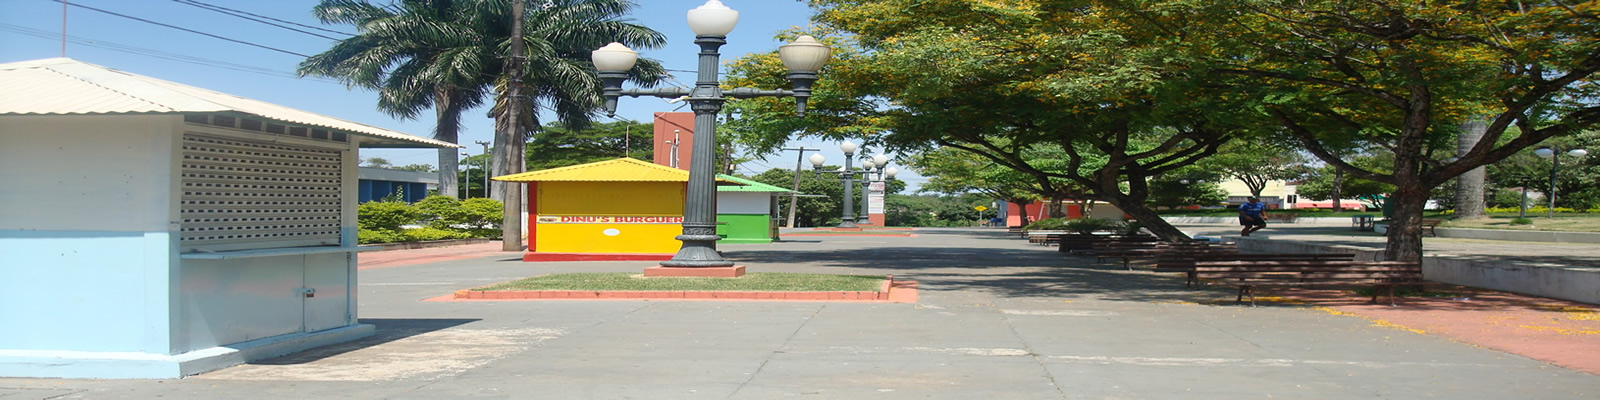 Conselheiro Mairinck Paraná fonte: www.conselheiromairinck.pr.gov.br